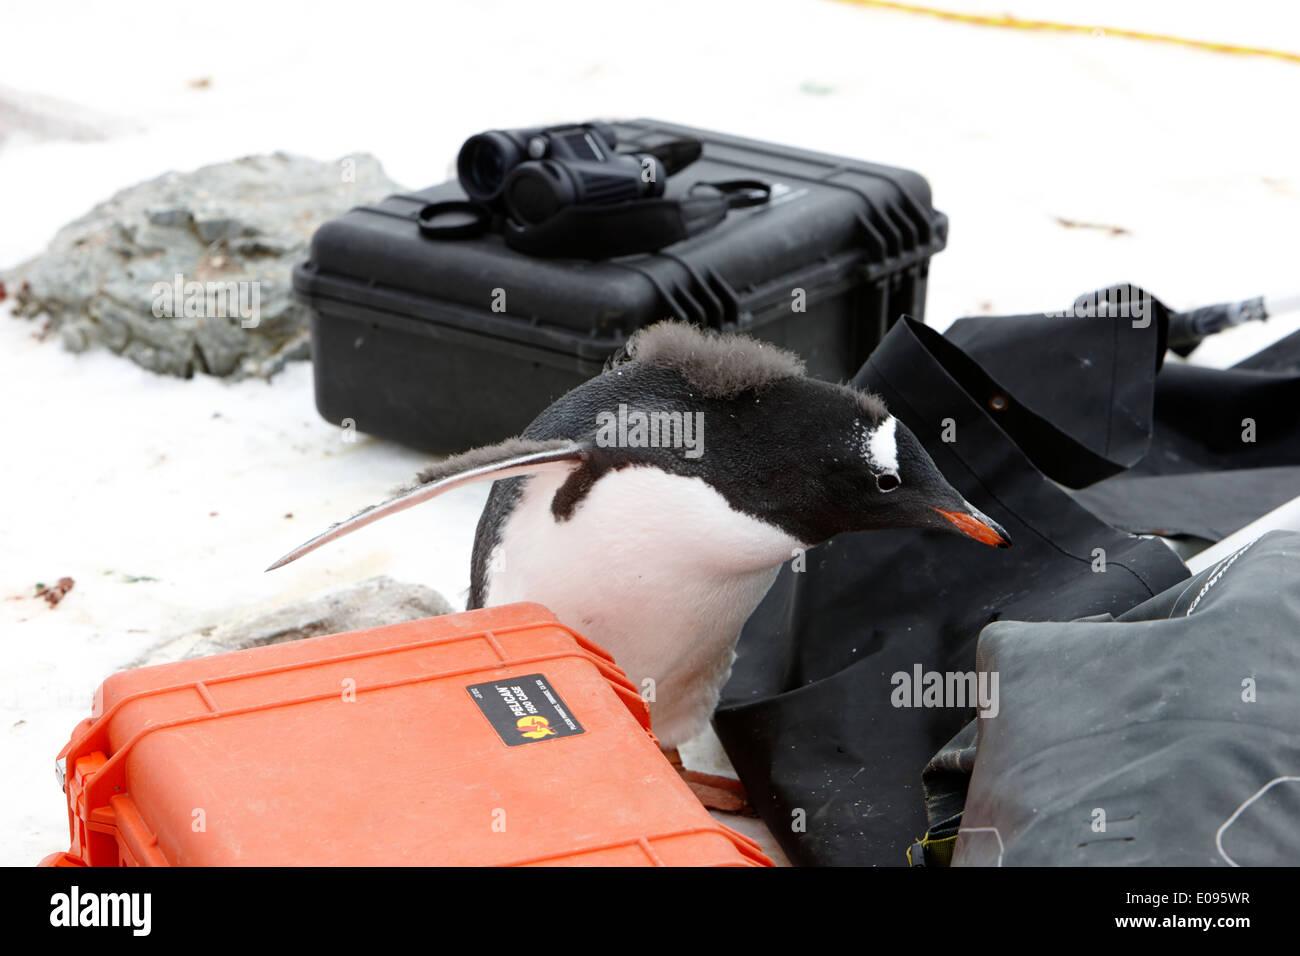 neugierige Jugendliche Gentoo Penguin checkt touristischen Kameraausrüstung Antarktis Stockbild